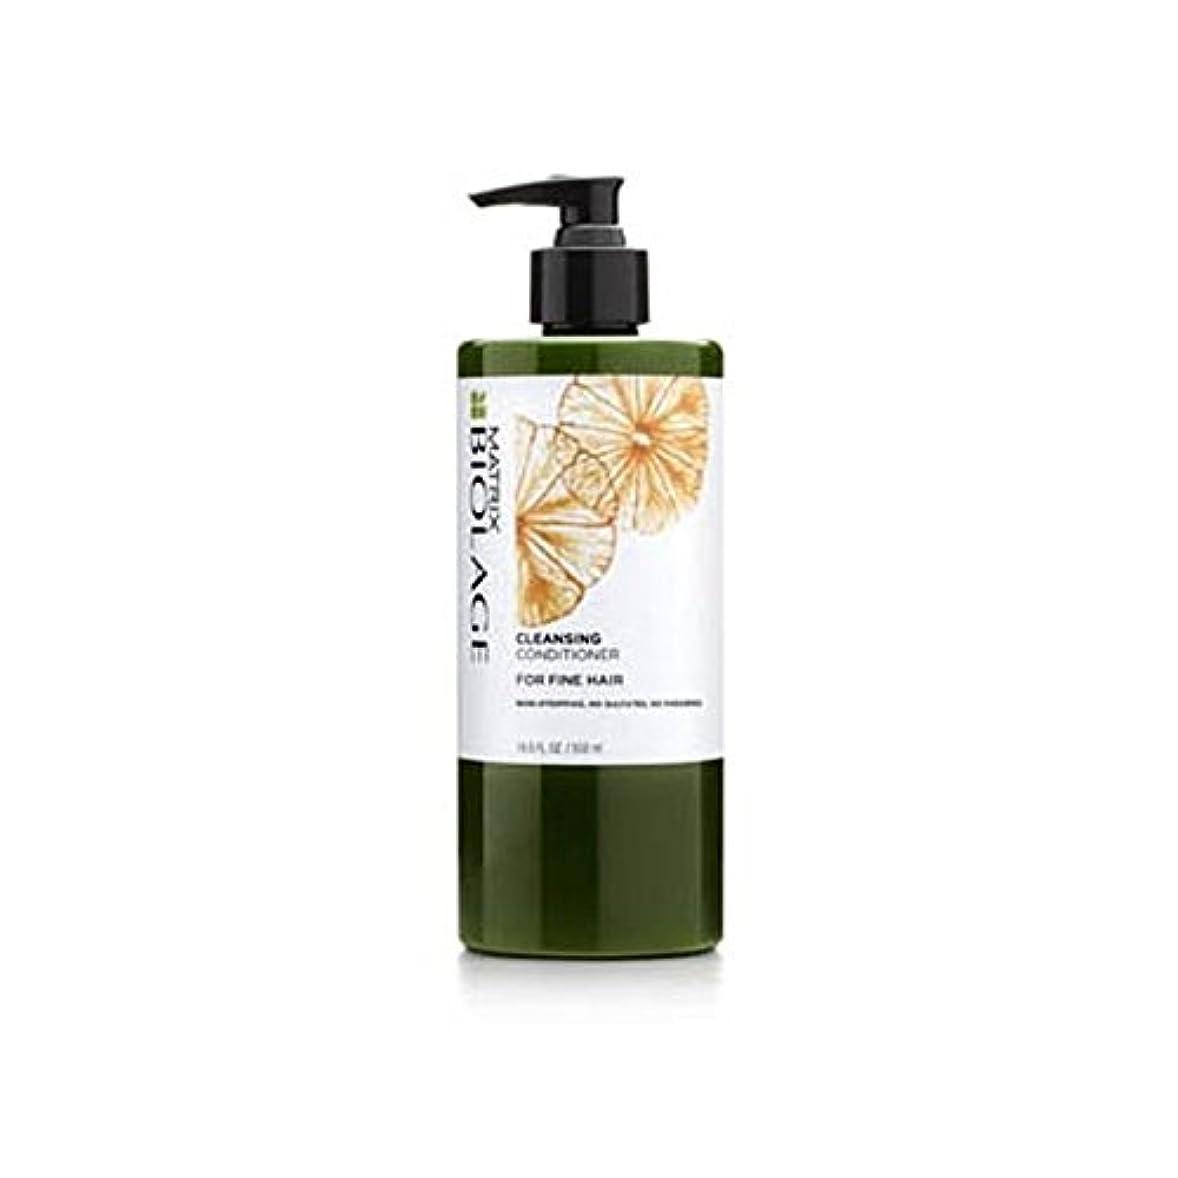 征服者水族館聴覚Matrix Biolage Cleansing Conditioner - Fine Hair (500ml) - マトリックスバイオレイジクレンジングコンディショナー - 細い髪(500ミリリットル) [並行輸入品]